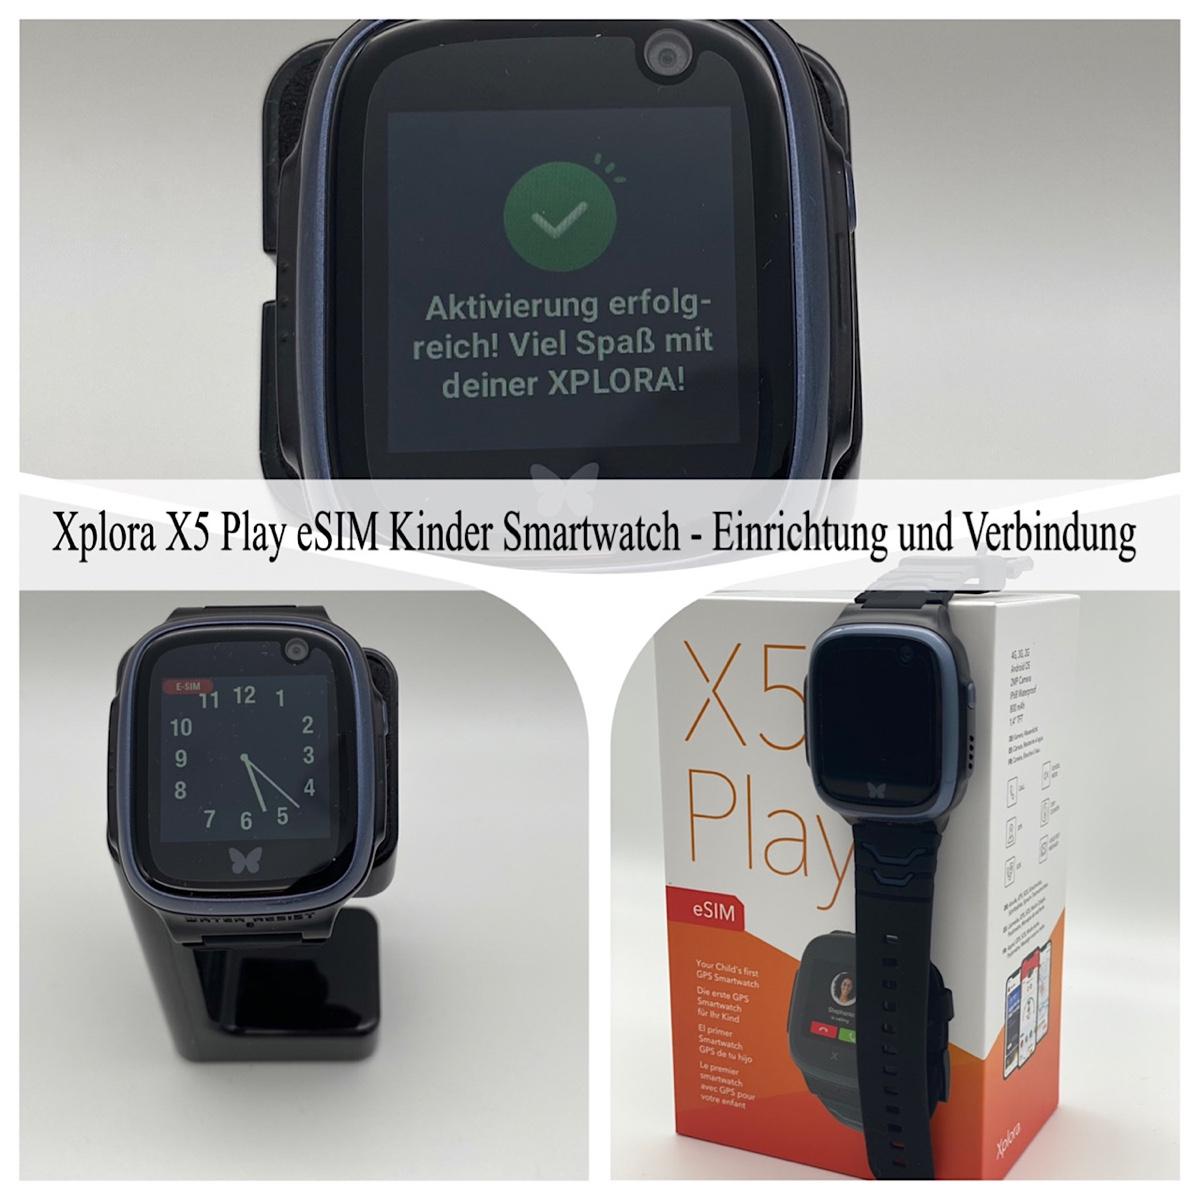 Xplora X5 Play eSIM Kinder Smartwatch – Einrichten und Verbinden